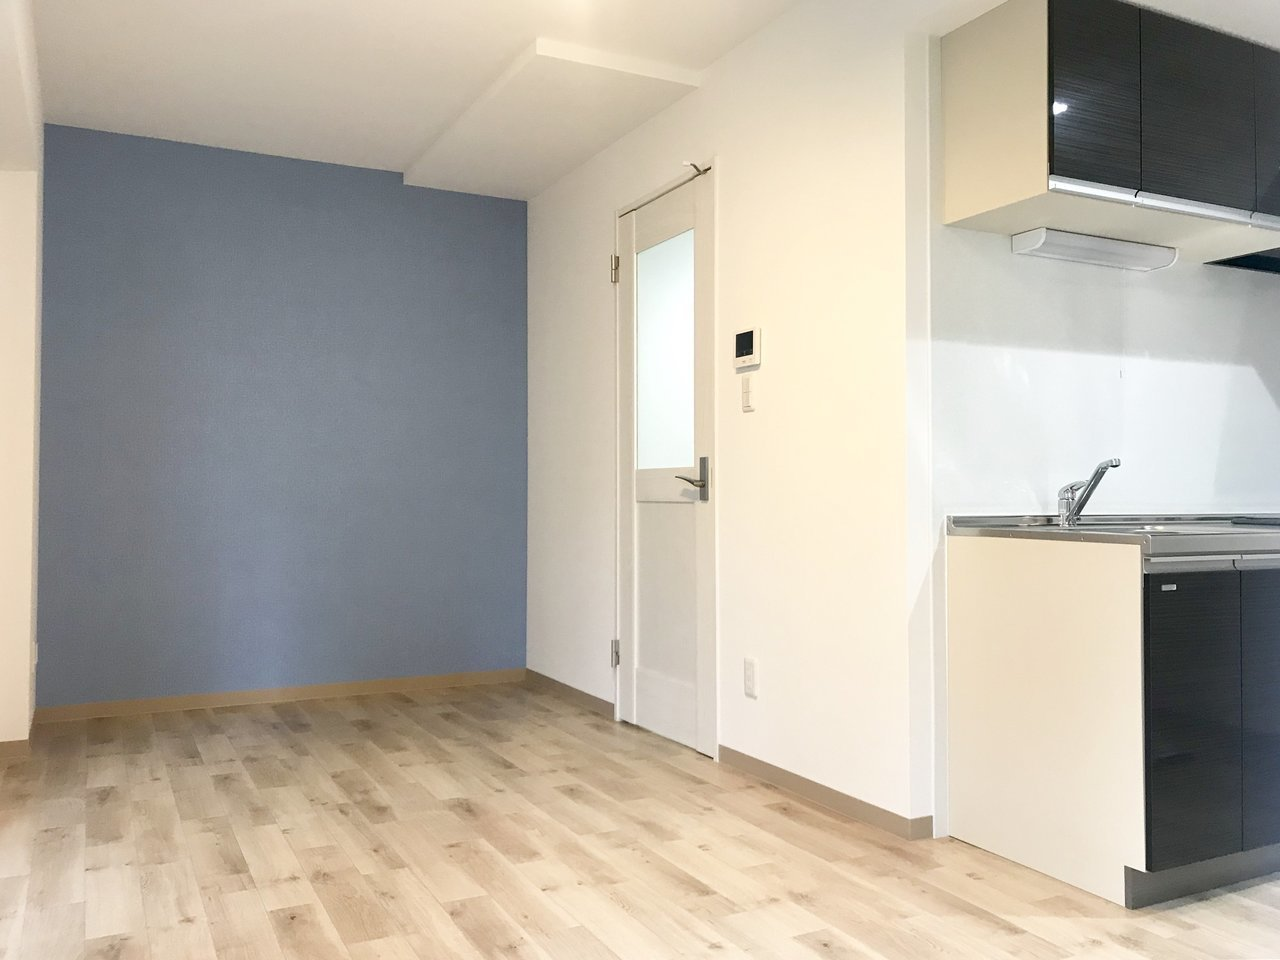 南円山地区の築浅デザイナーズ!男女問わず人気のブルーがアクセントの壁紙がお出迎え。爽やかな印象と開放感がプラスされる、1LDKのお部屋です。木目調の床との相性も抜群です。